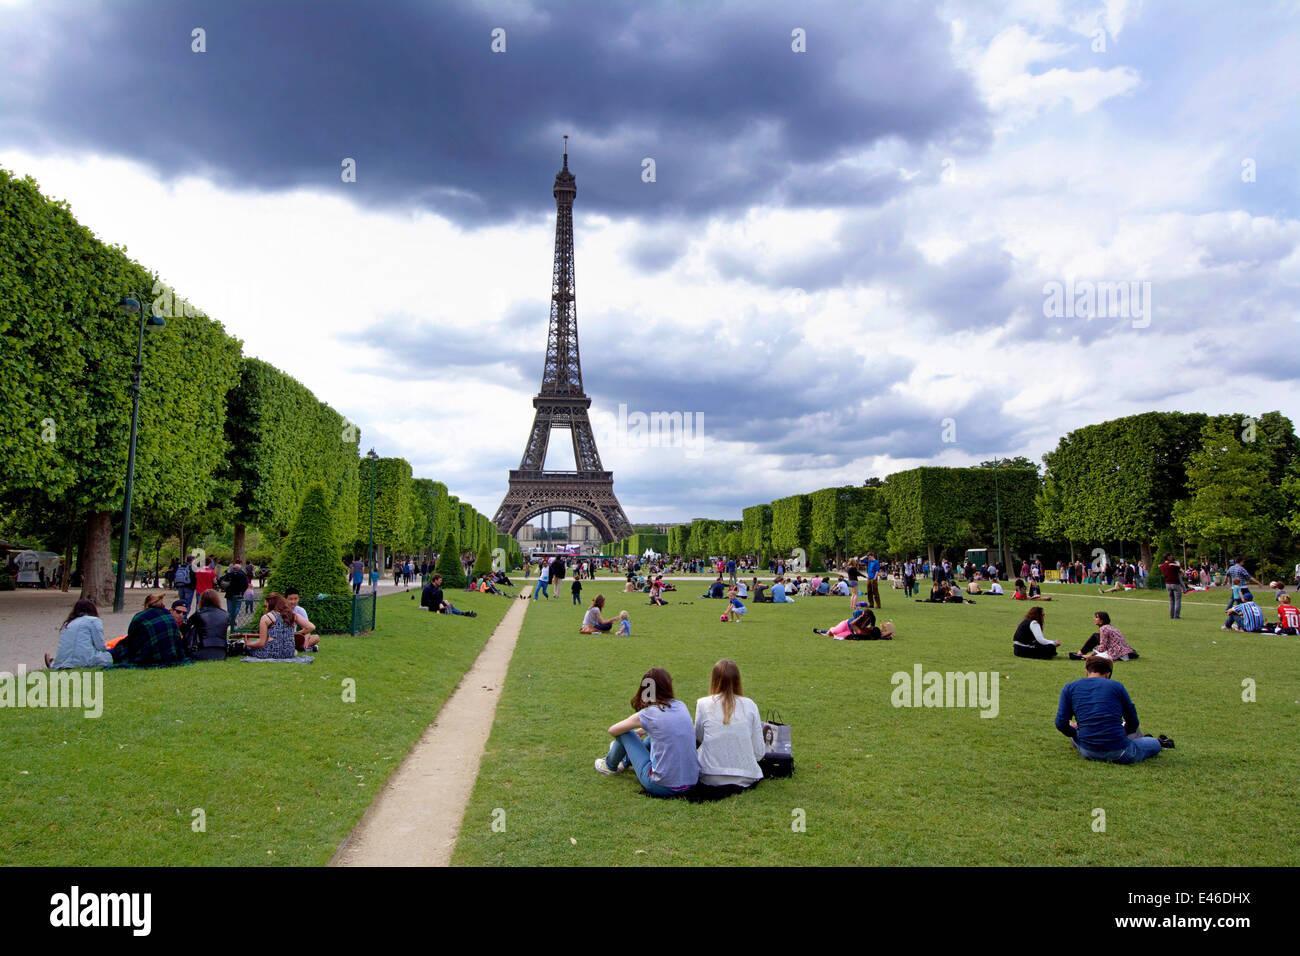 The Eiffel Tower and the Parc du Champ de Mars with tourists, Paris, France - Stock Image